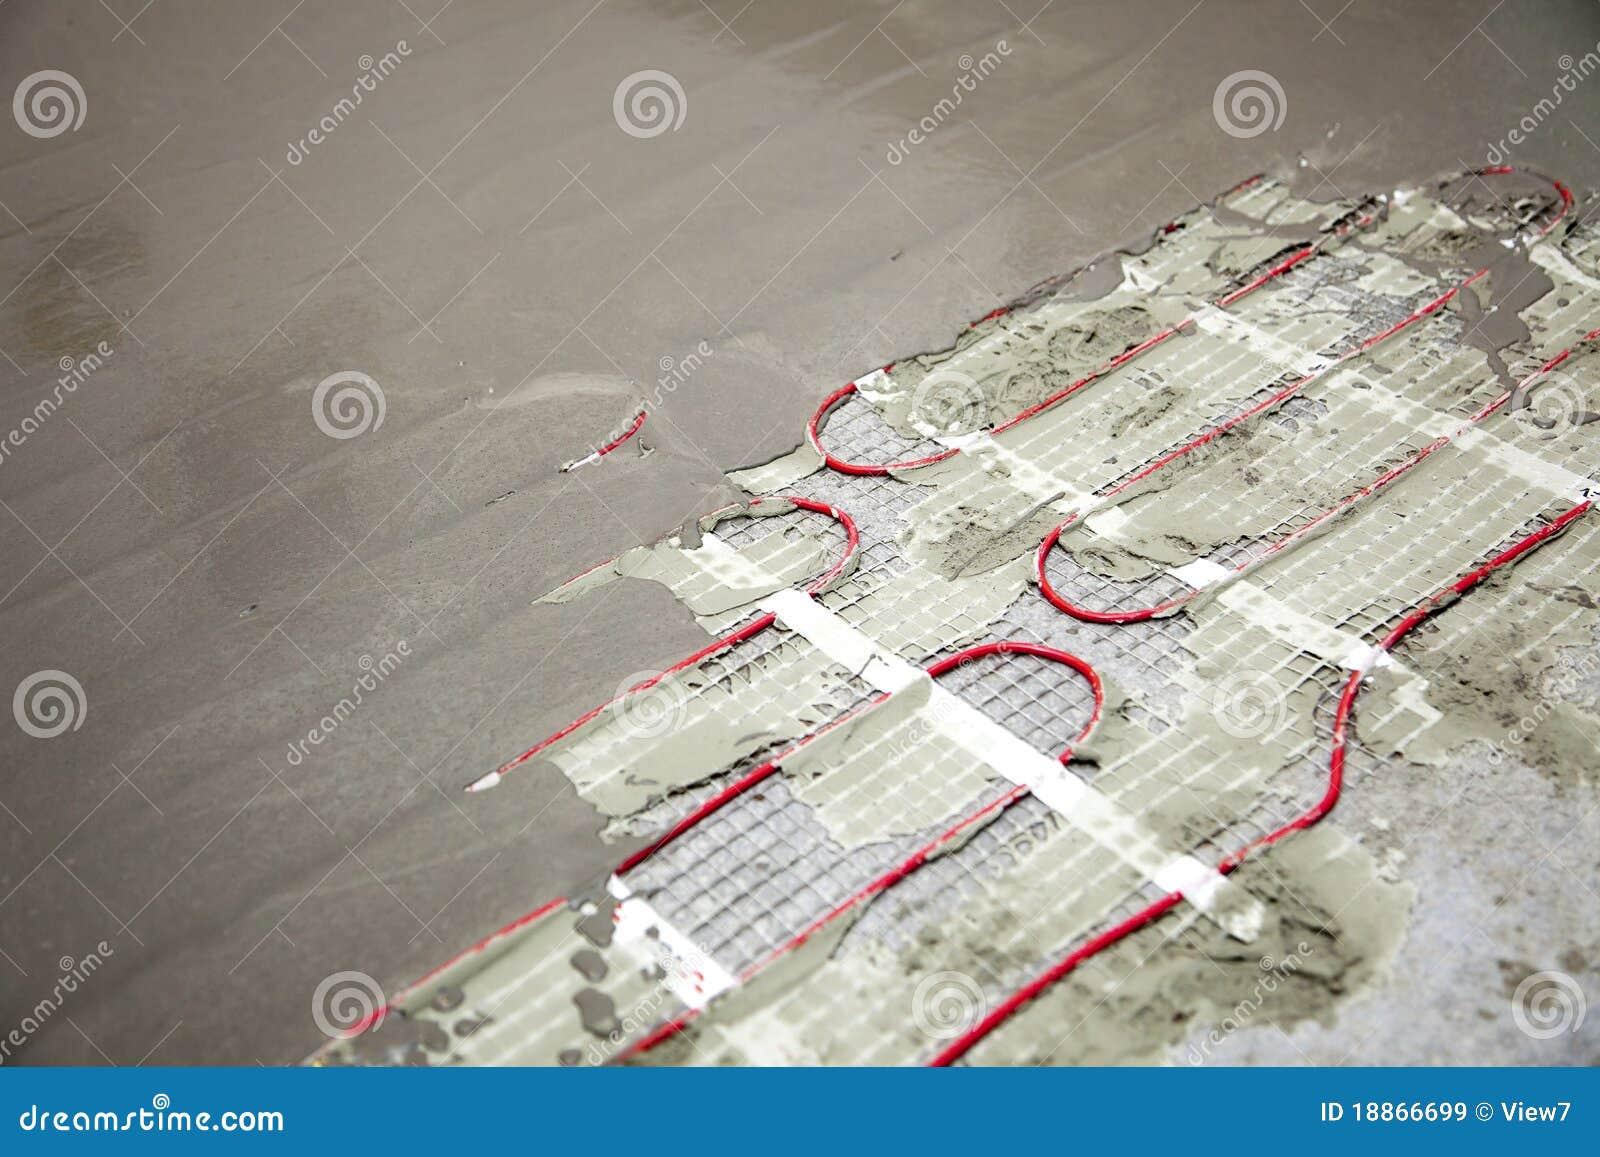 Serpentine di riscaldamento del pavimento immagini stock for Disegni unici del pavimento